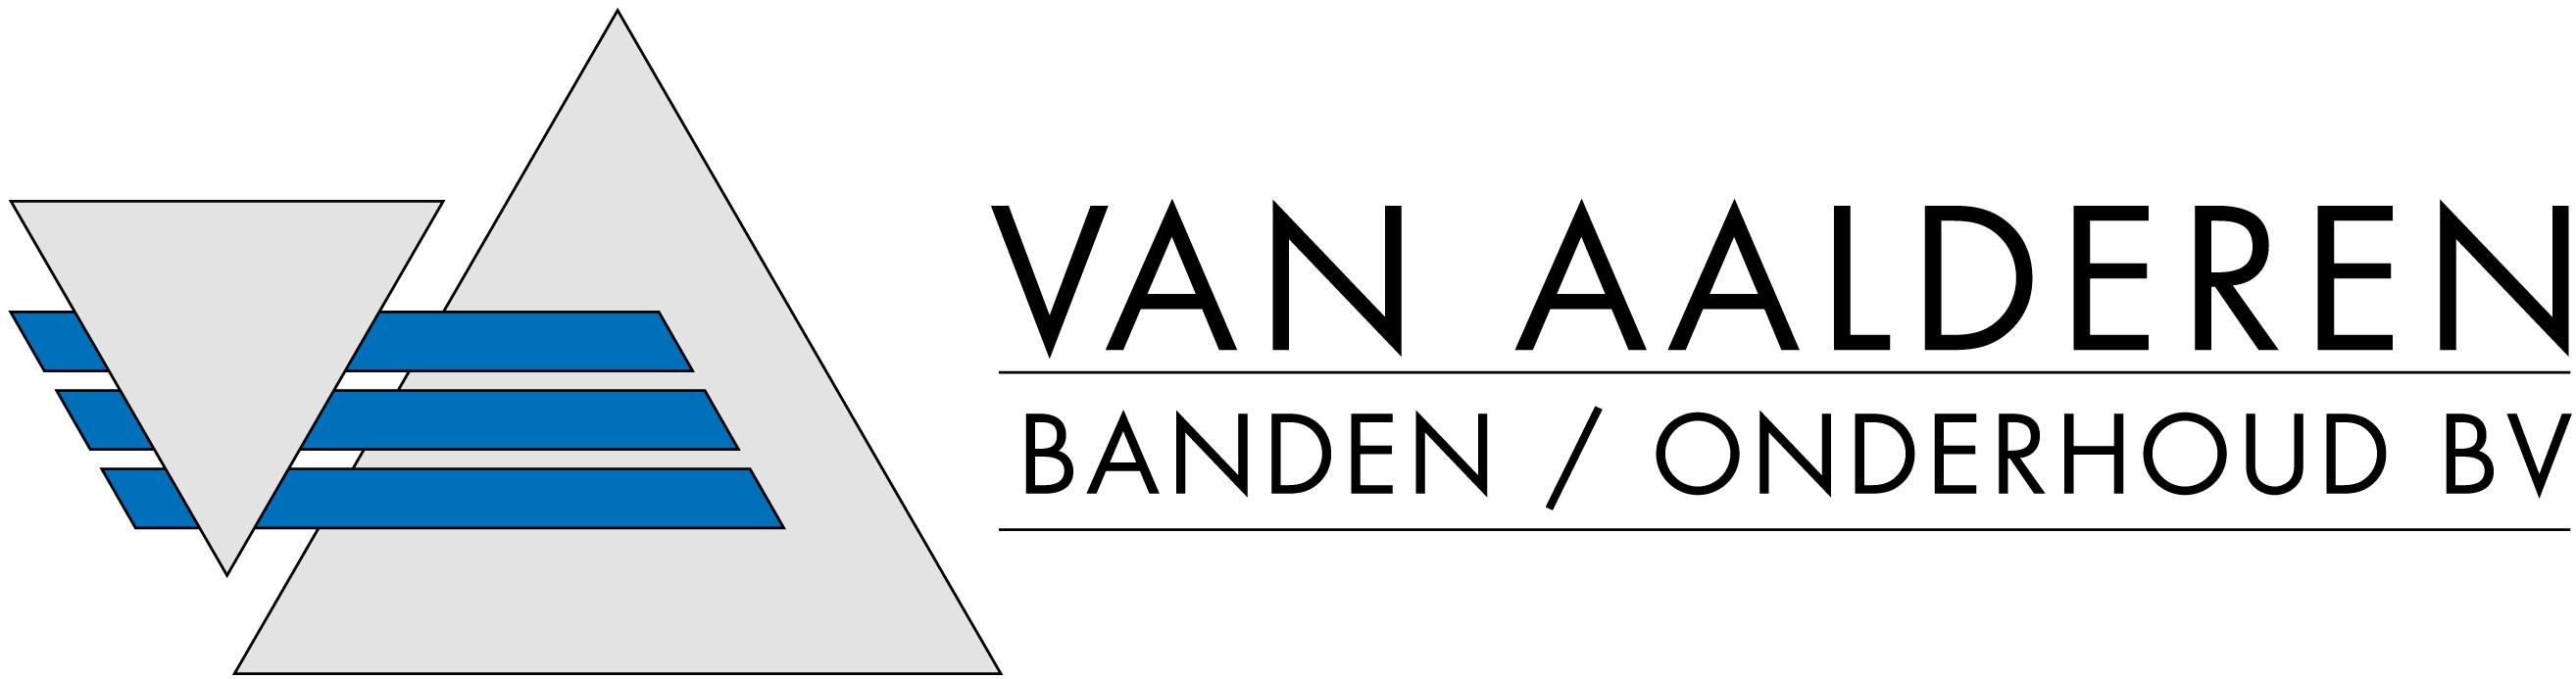 Van Aalderen banden & Onderhoud BV